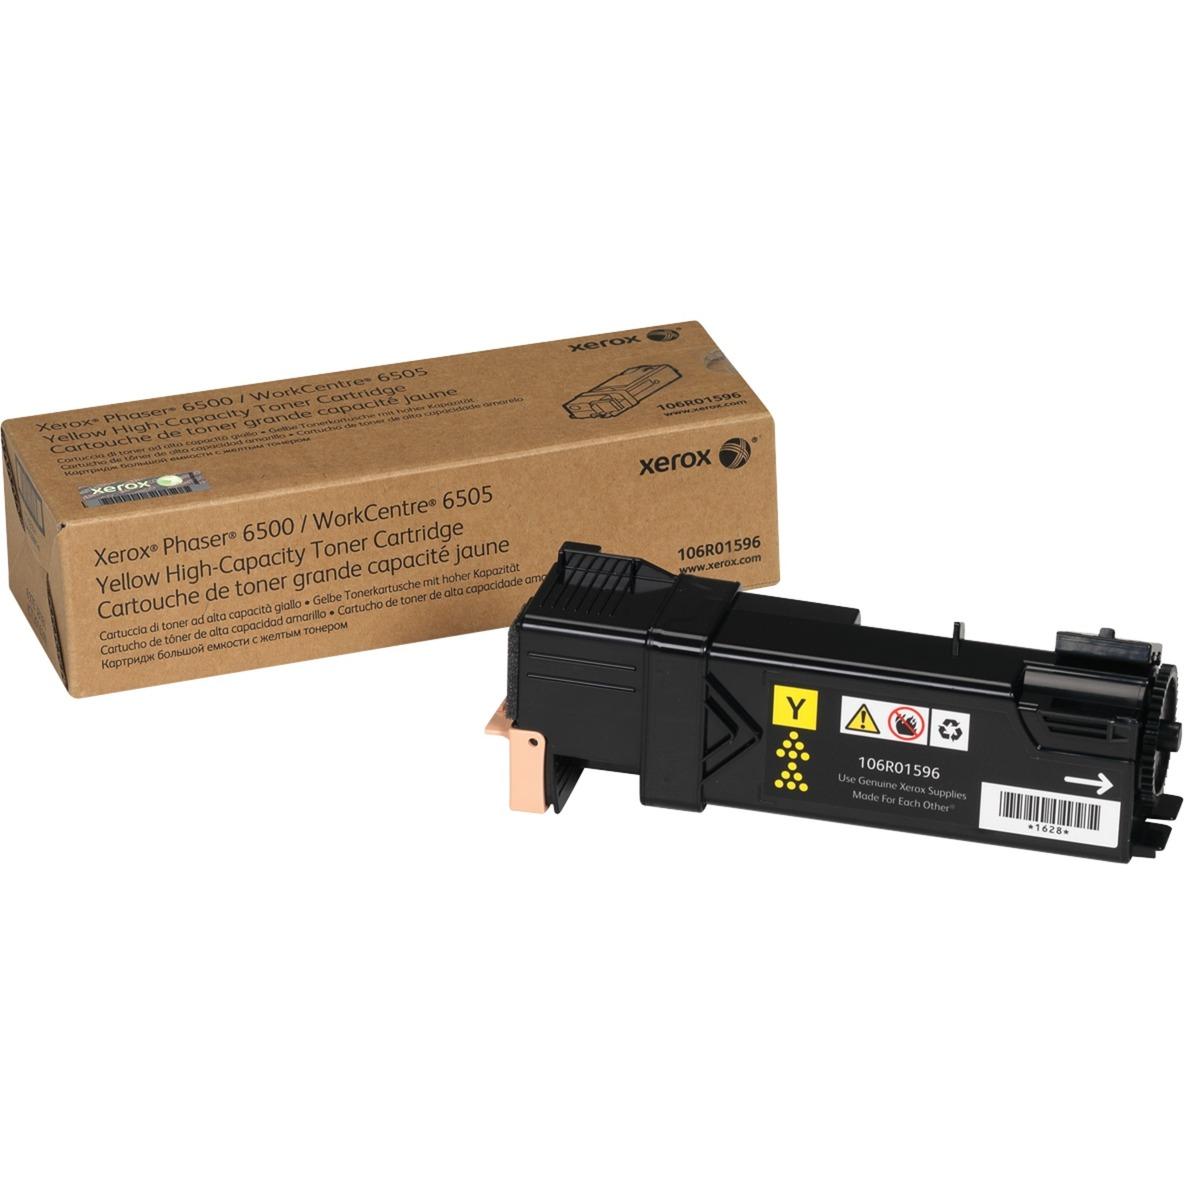 Phaser 6500/WorkCentre 6505, Cartouche de toner Jaune grande capacité (2 500 pages), Amérique du Nord, EEA